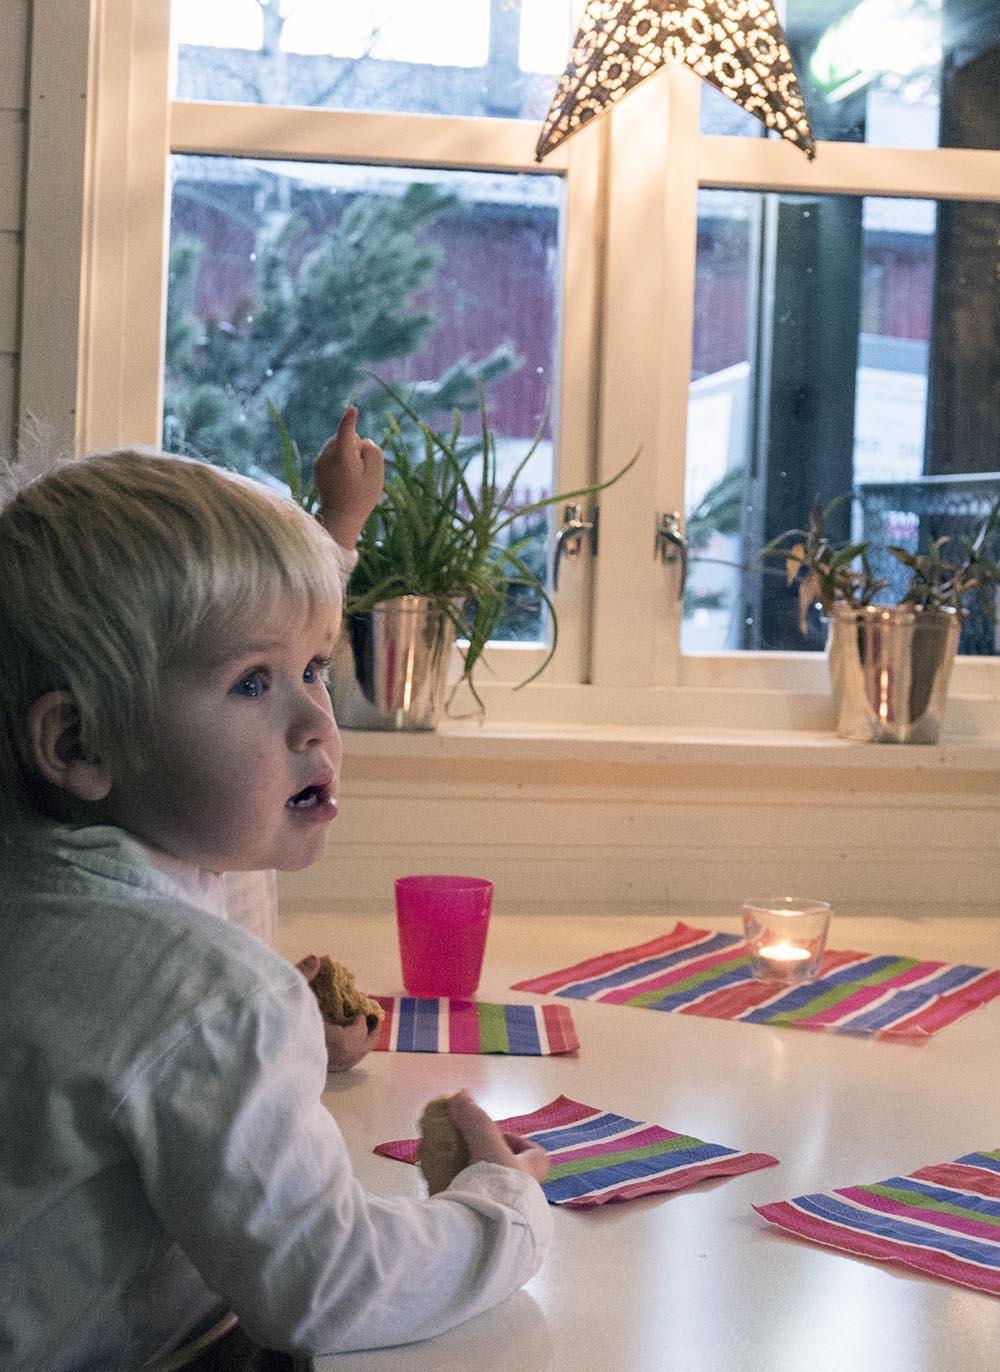 Det var helt tydelig at lussekattene i Leik, Fus Barnehage smakte godt. Foto: Anniken Tangerud, 3600.no